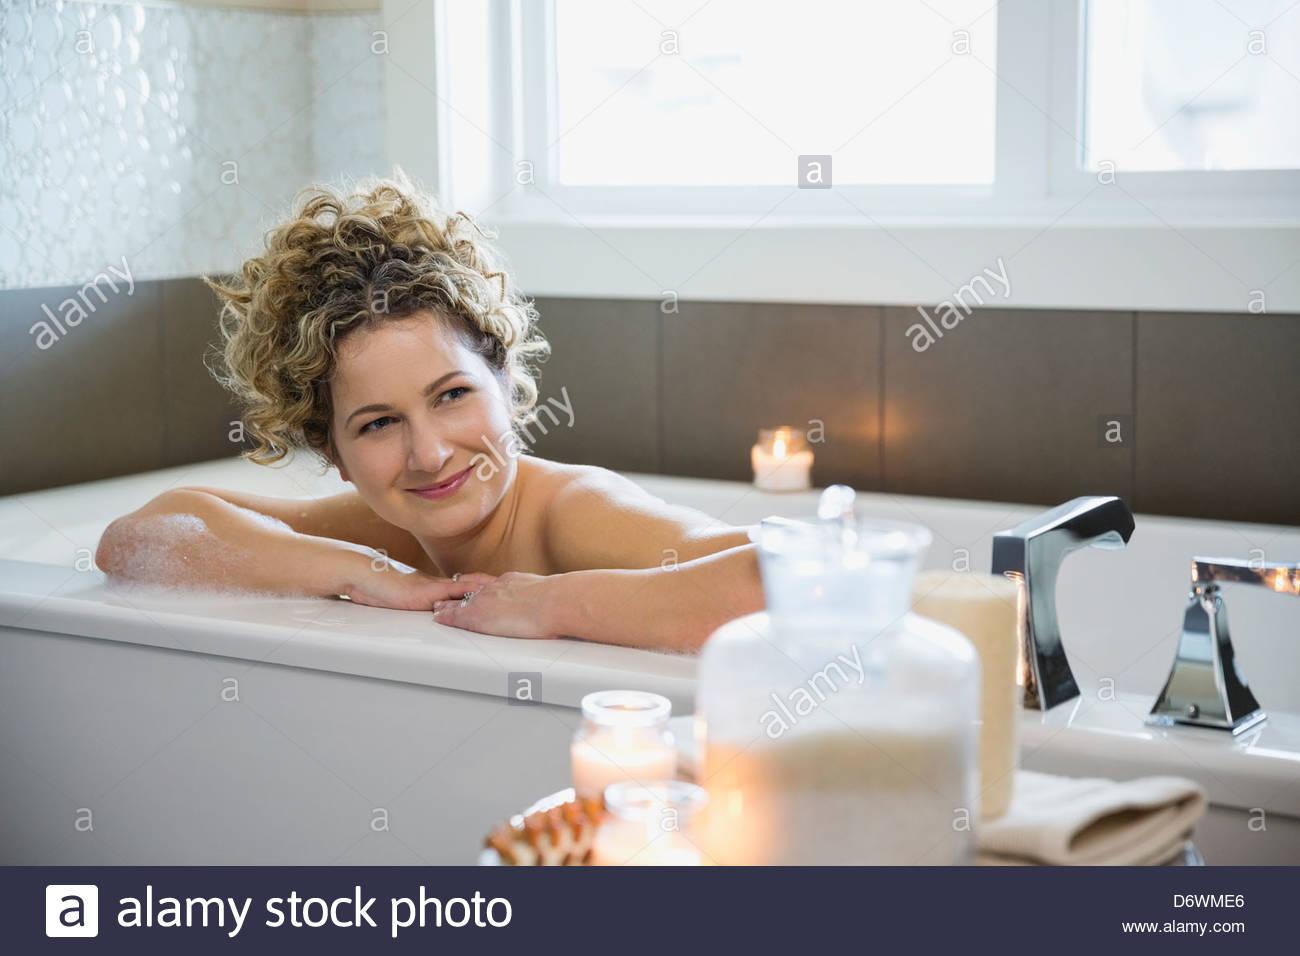 Mujer madura en busca de distancia mientras se relaja en la bañera. Imagen De Stock